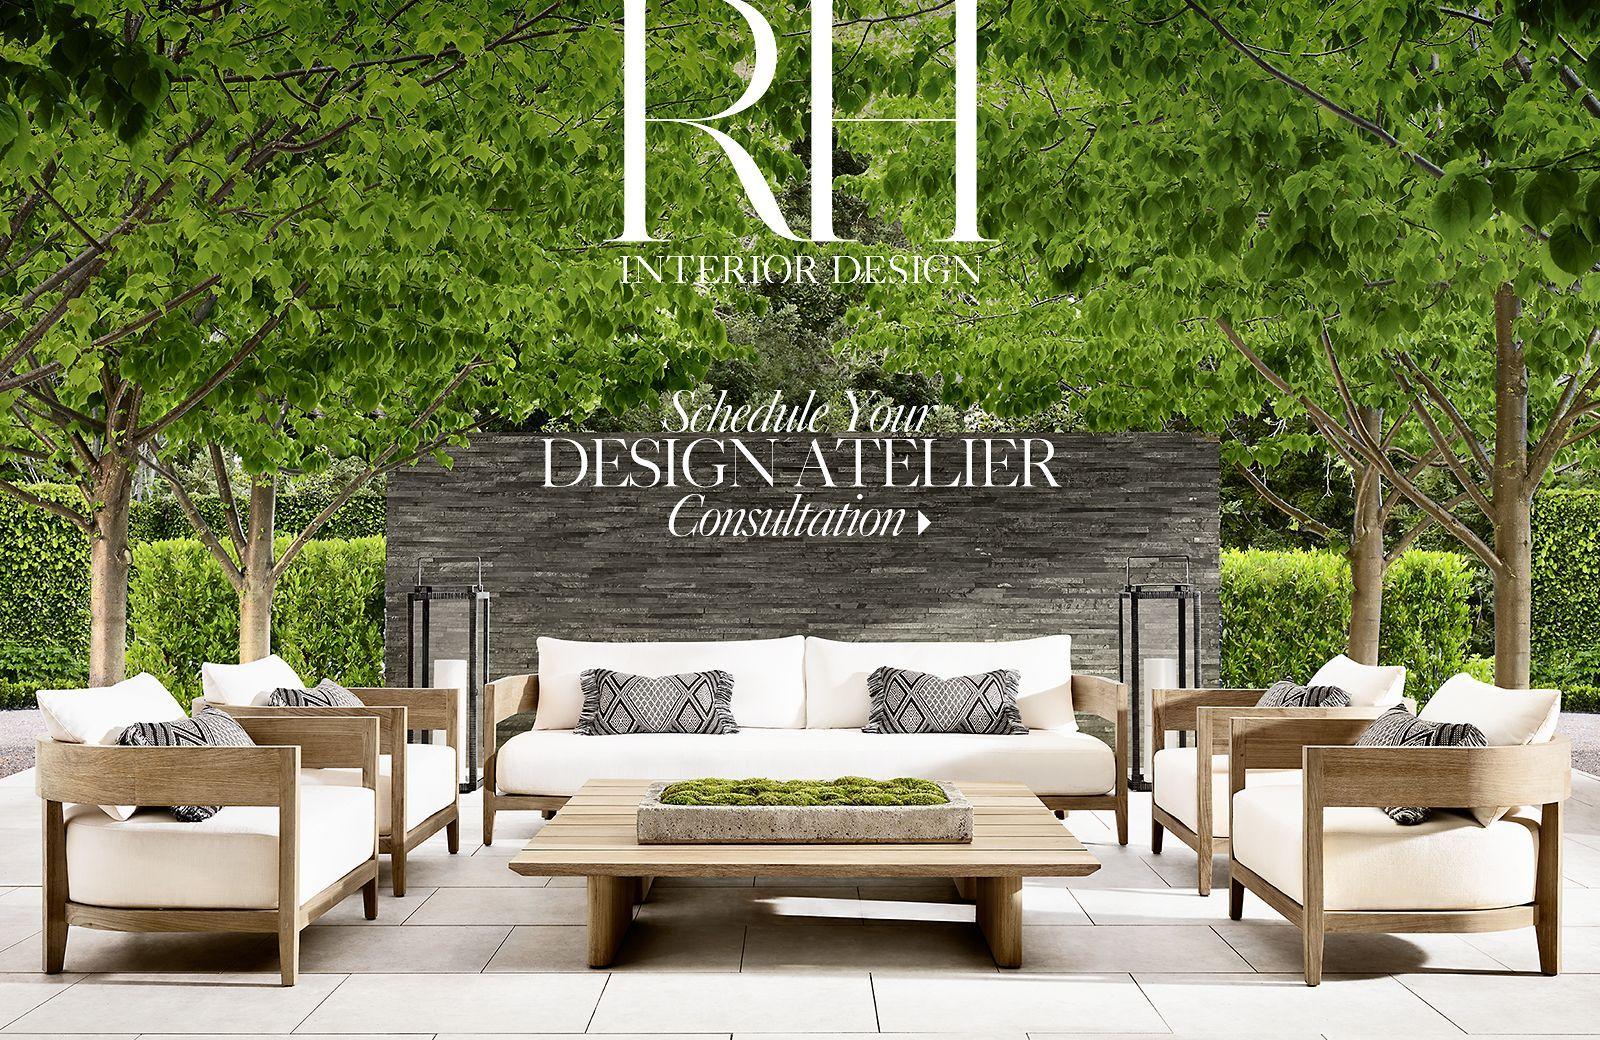 Schedule Your Interior Design Consultation | SH cos | Galerías